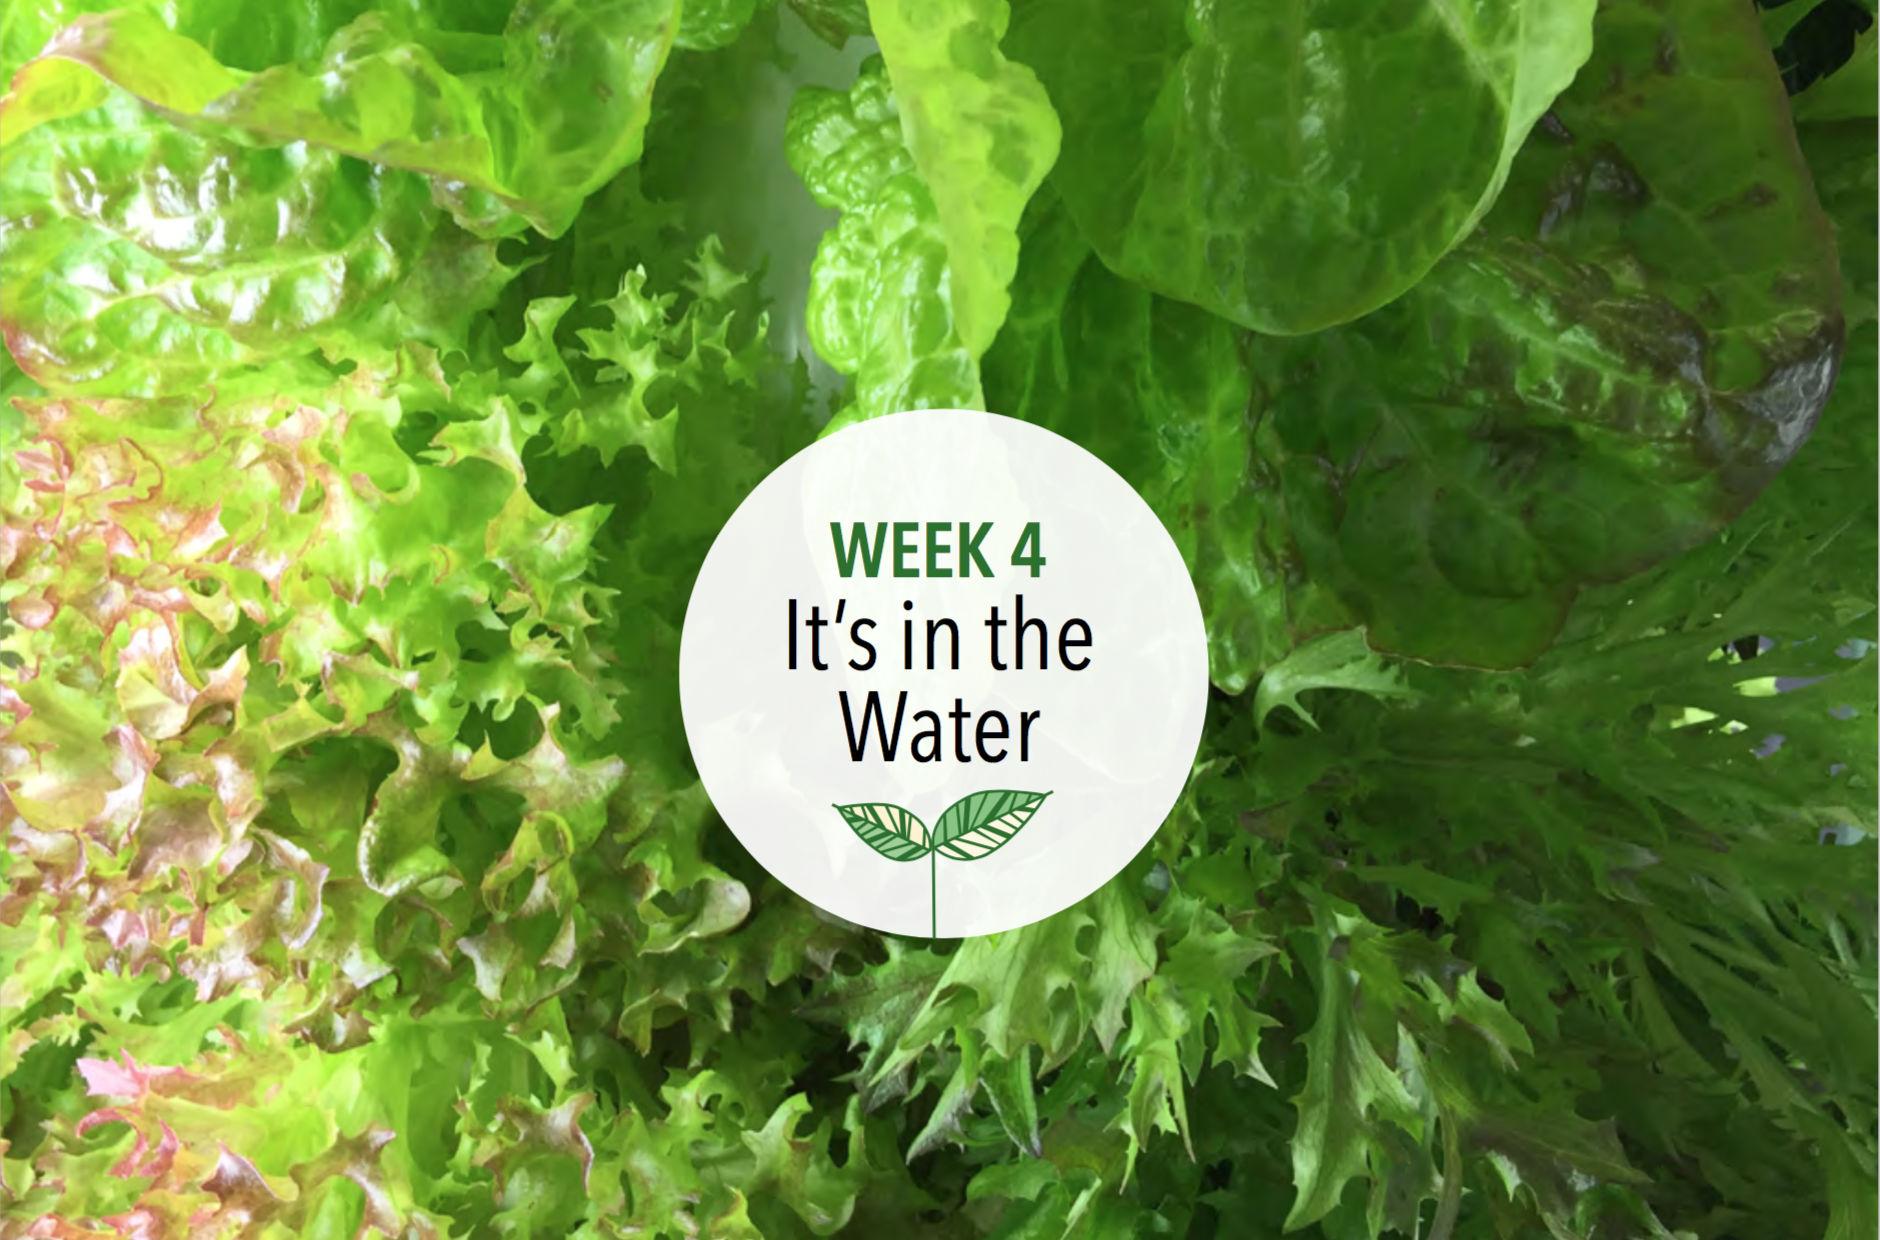 Week 4: It's in the Water